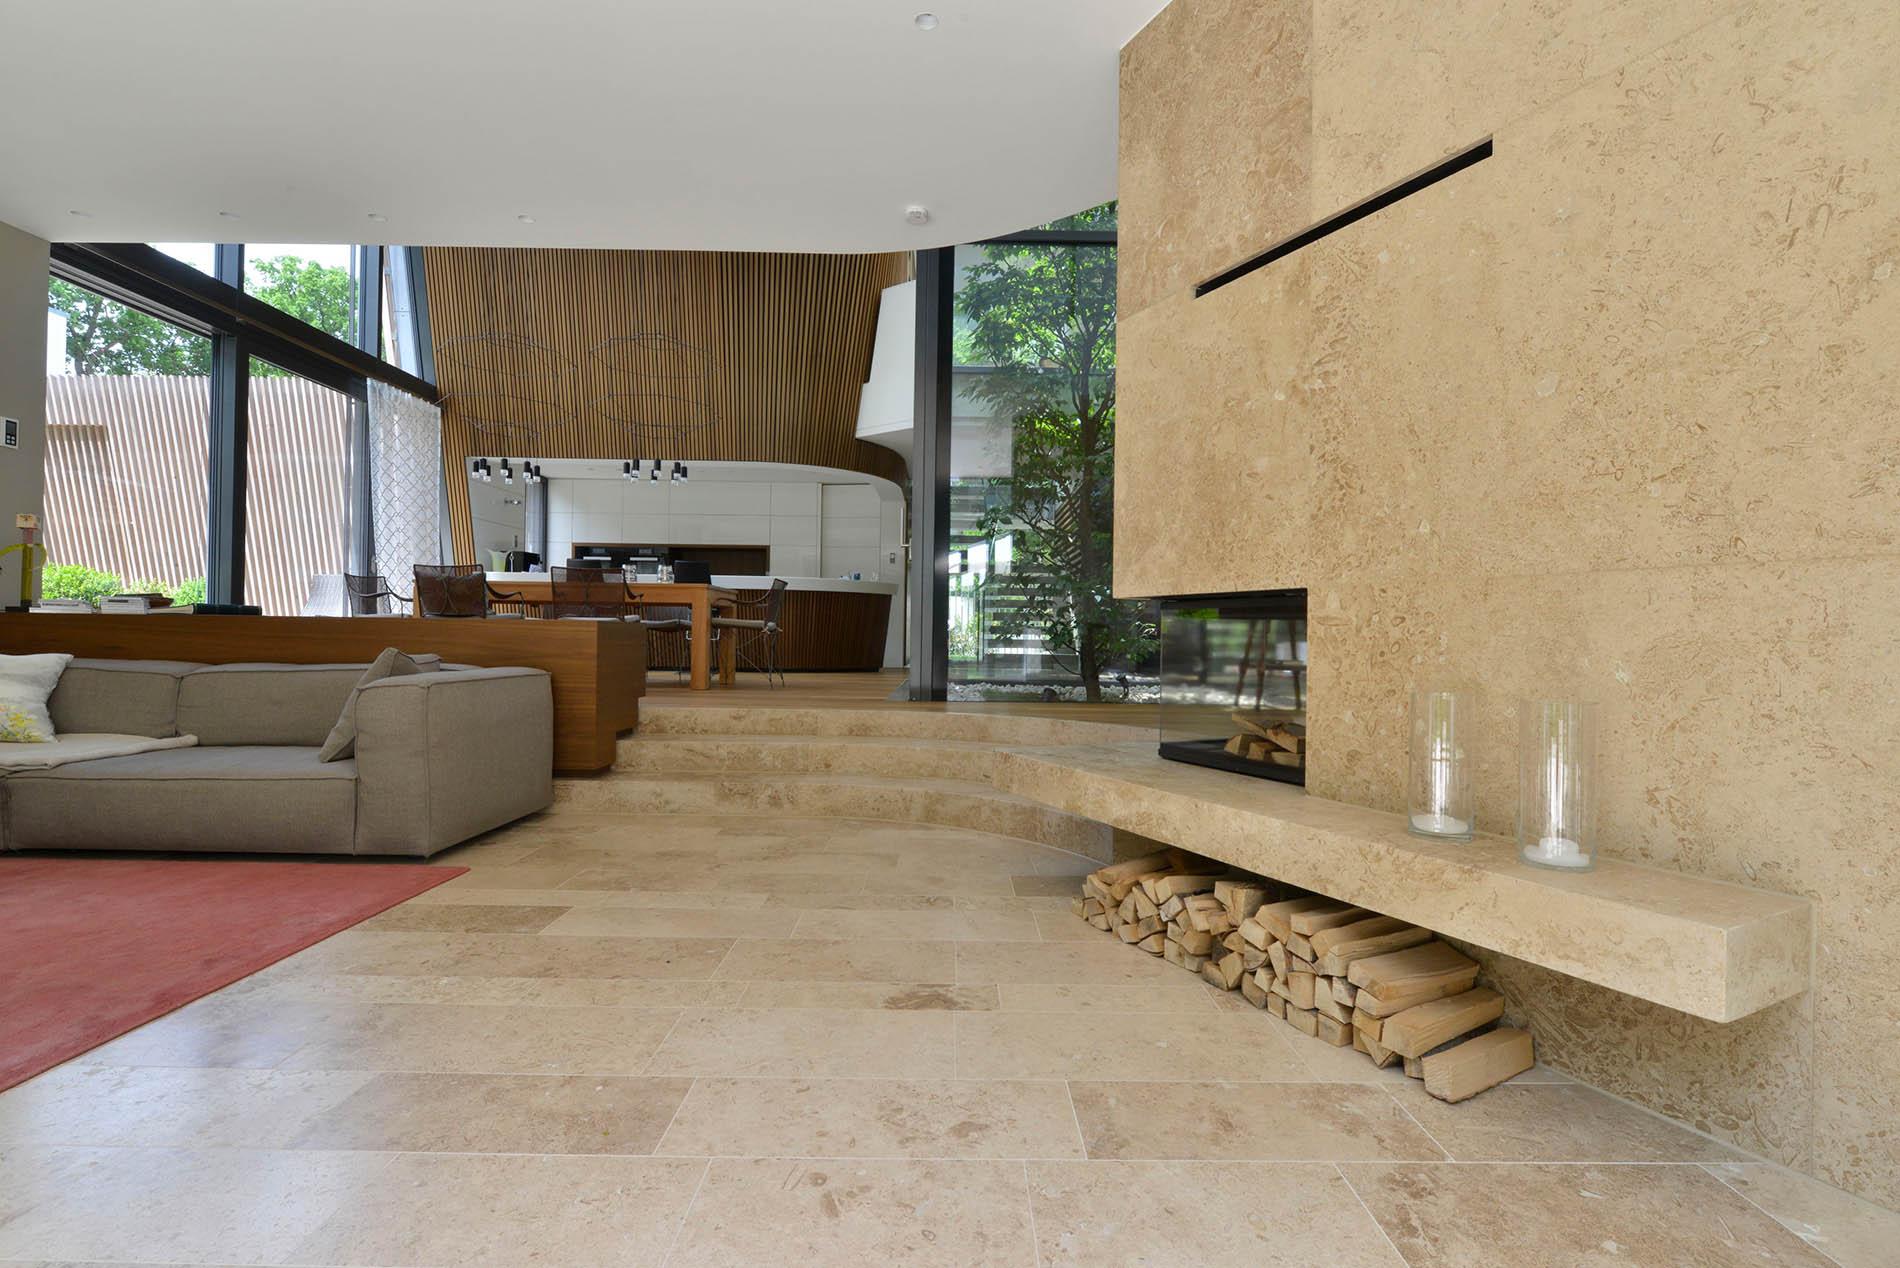 Travertin Naturstein Bodenplatten und Kaminverkleidung